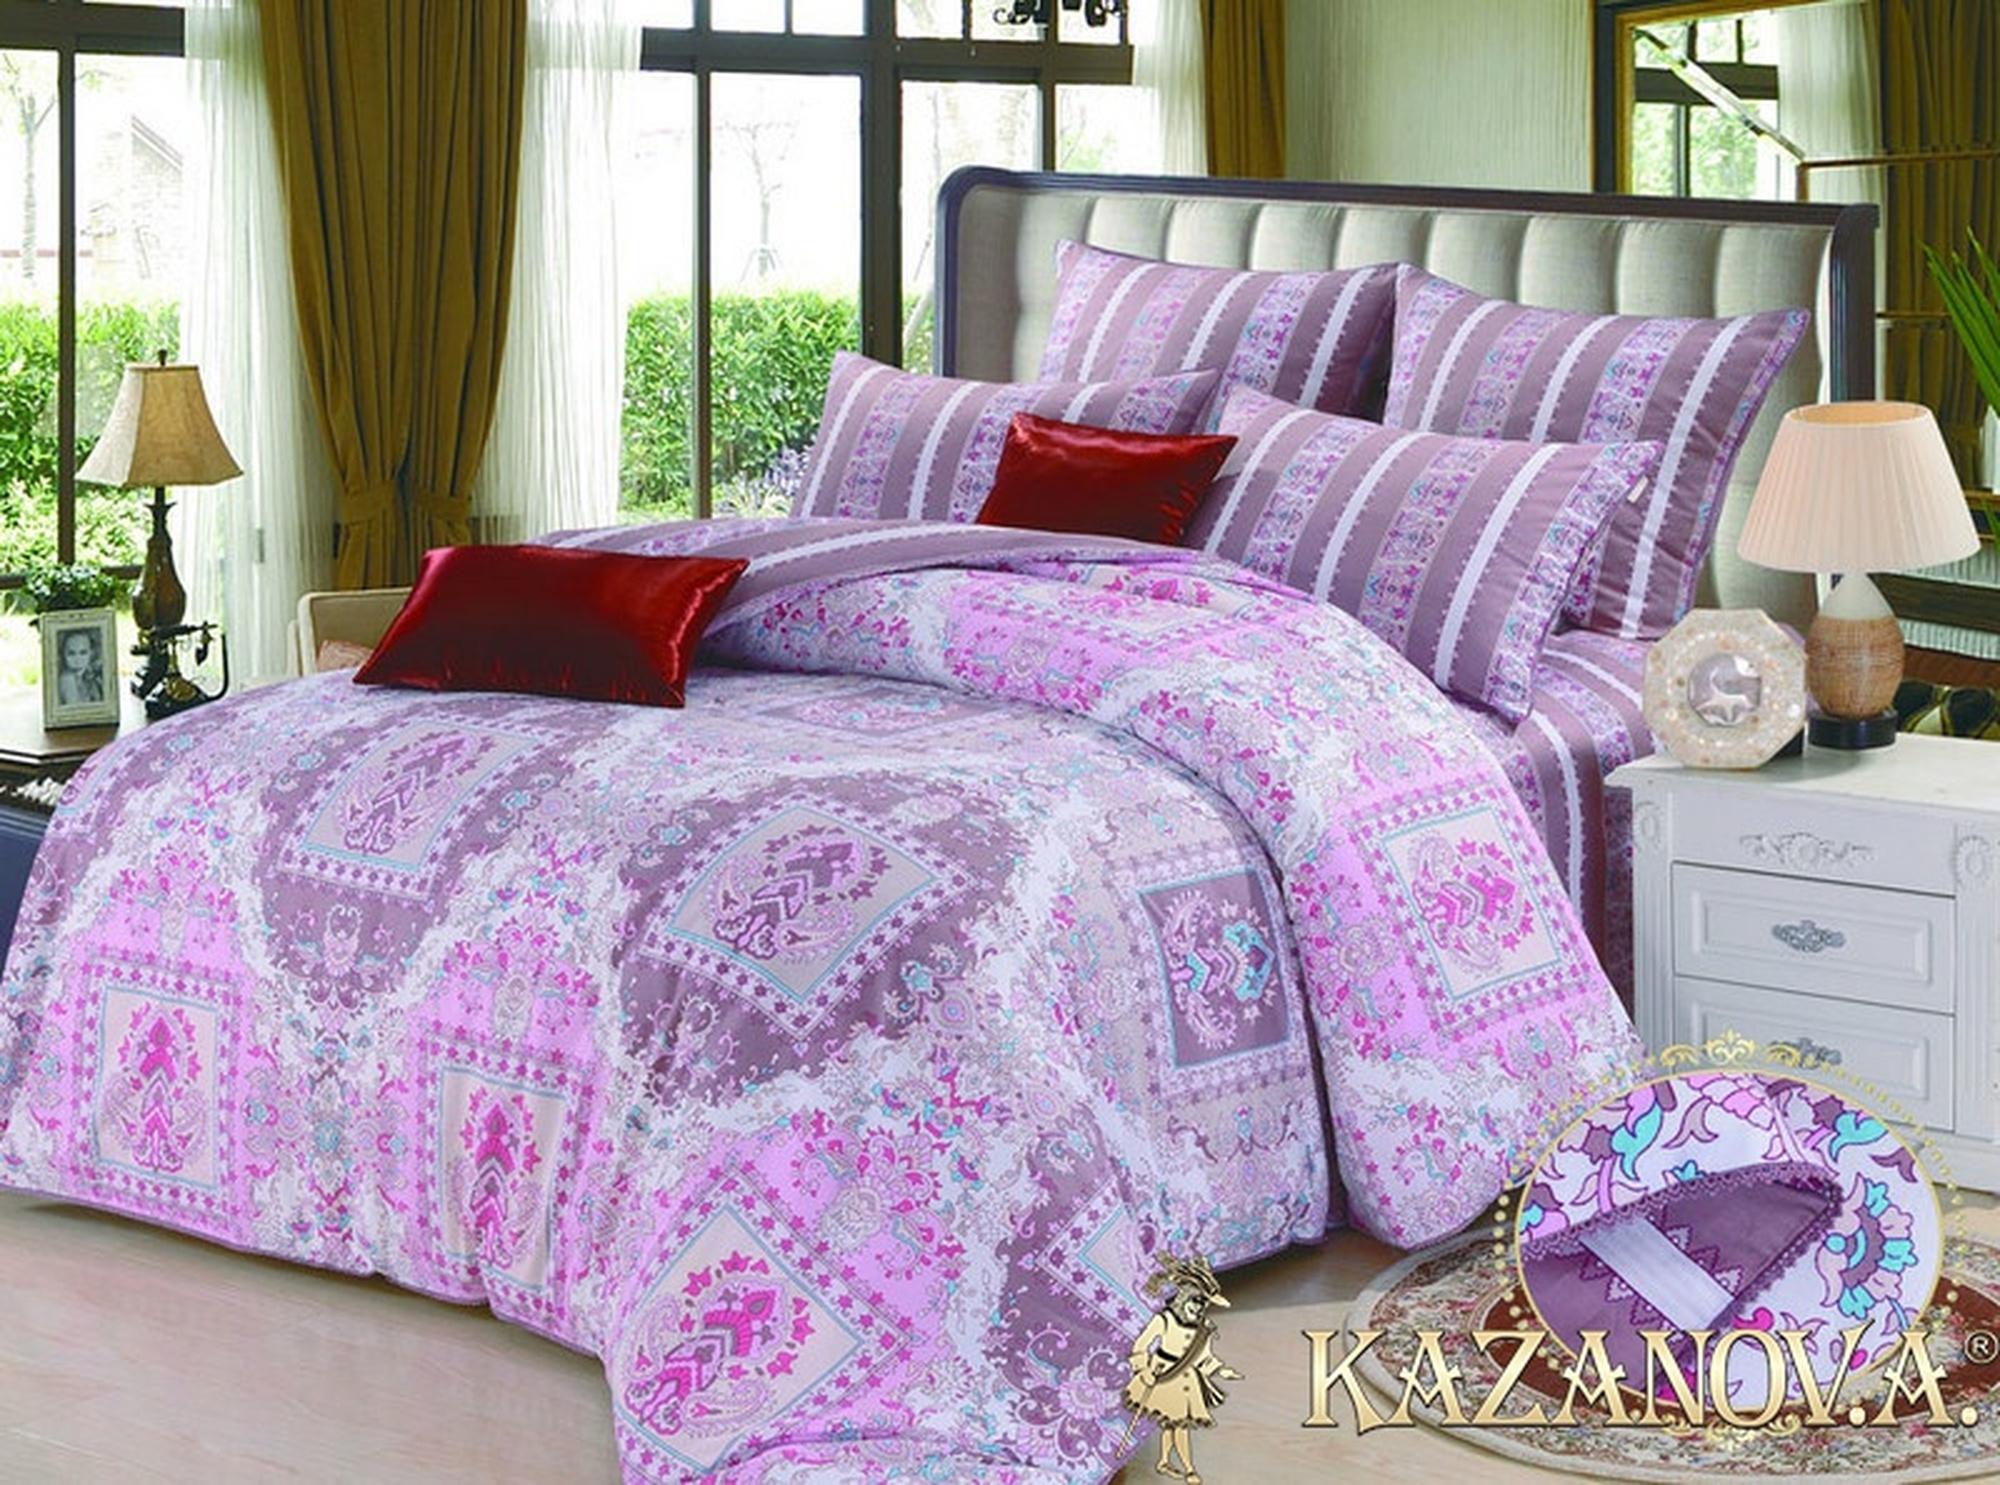 KAZANOV.A Ely Fly Cappucino (розовый) классика Комплект постельного белья евро, 6 предметов